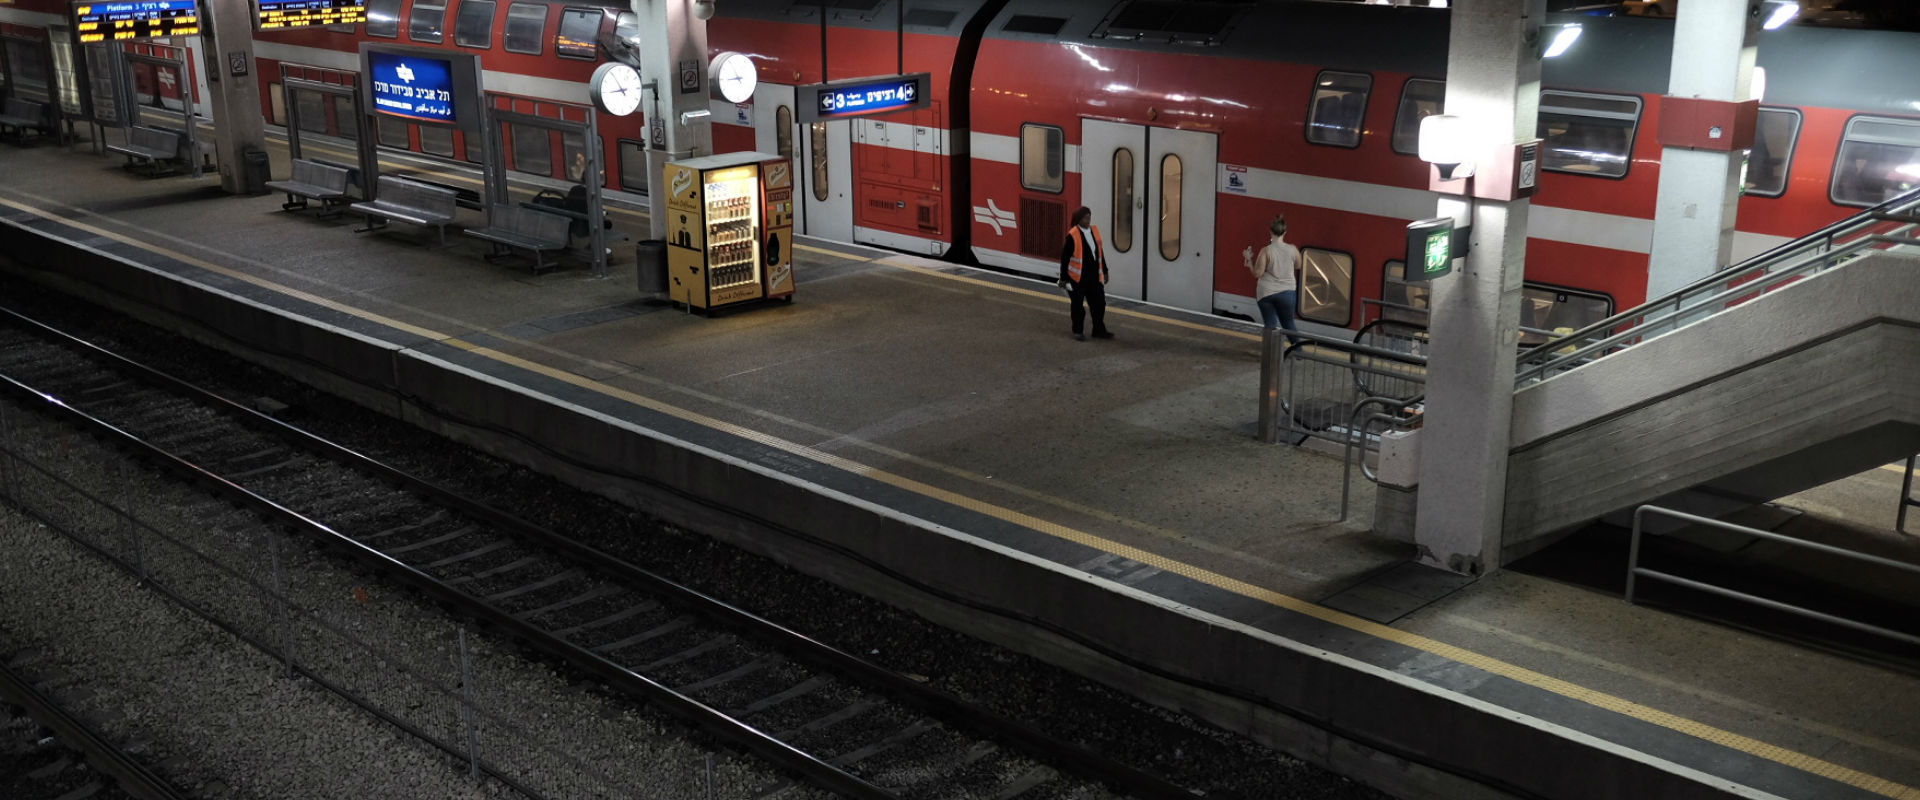 תחנת רכבת (ארכיון)